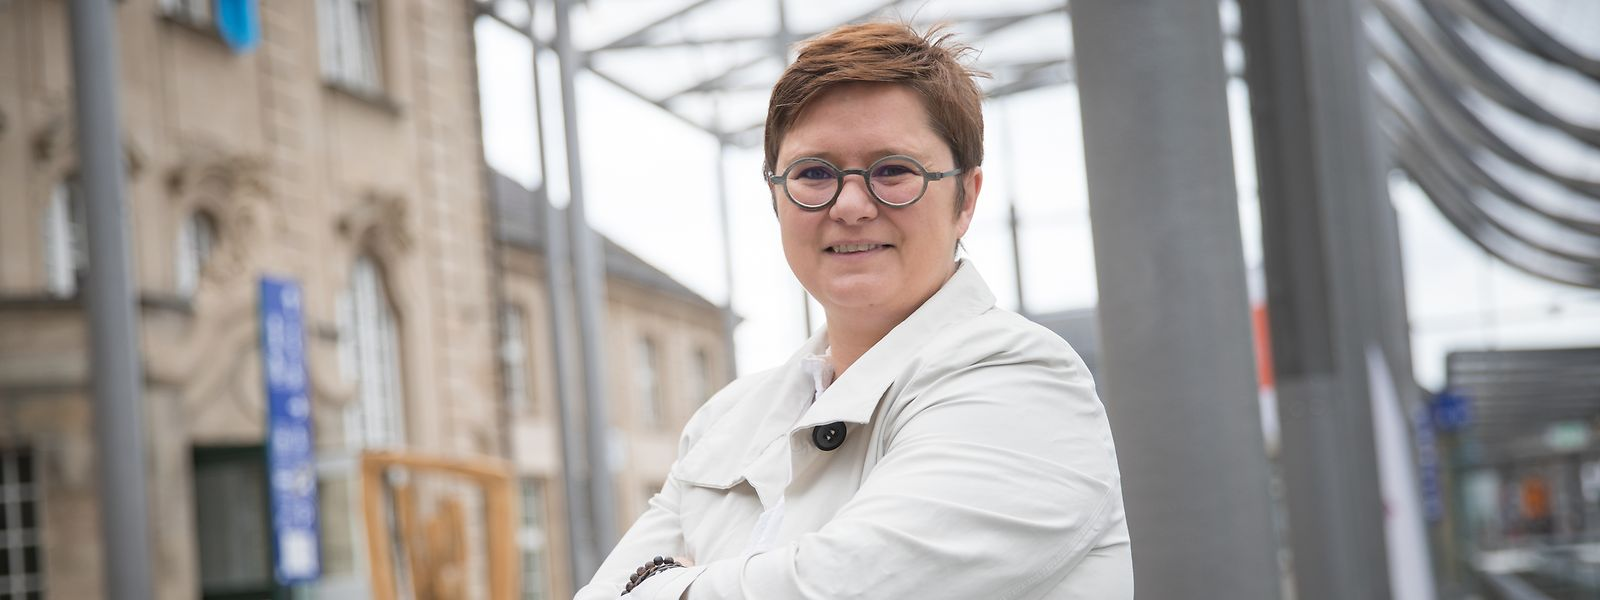 Für Mylène Bianchy geht es nicht nur darum, über Hygienemaßnahmen am Arbeitsplatz zu reden – sie müssen auch befolgt werden.